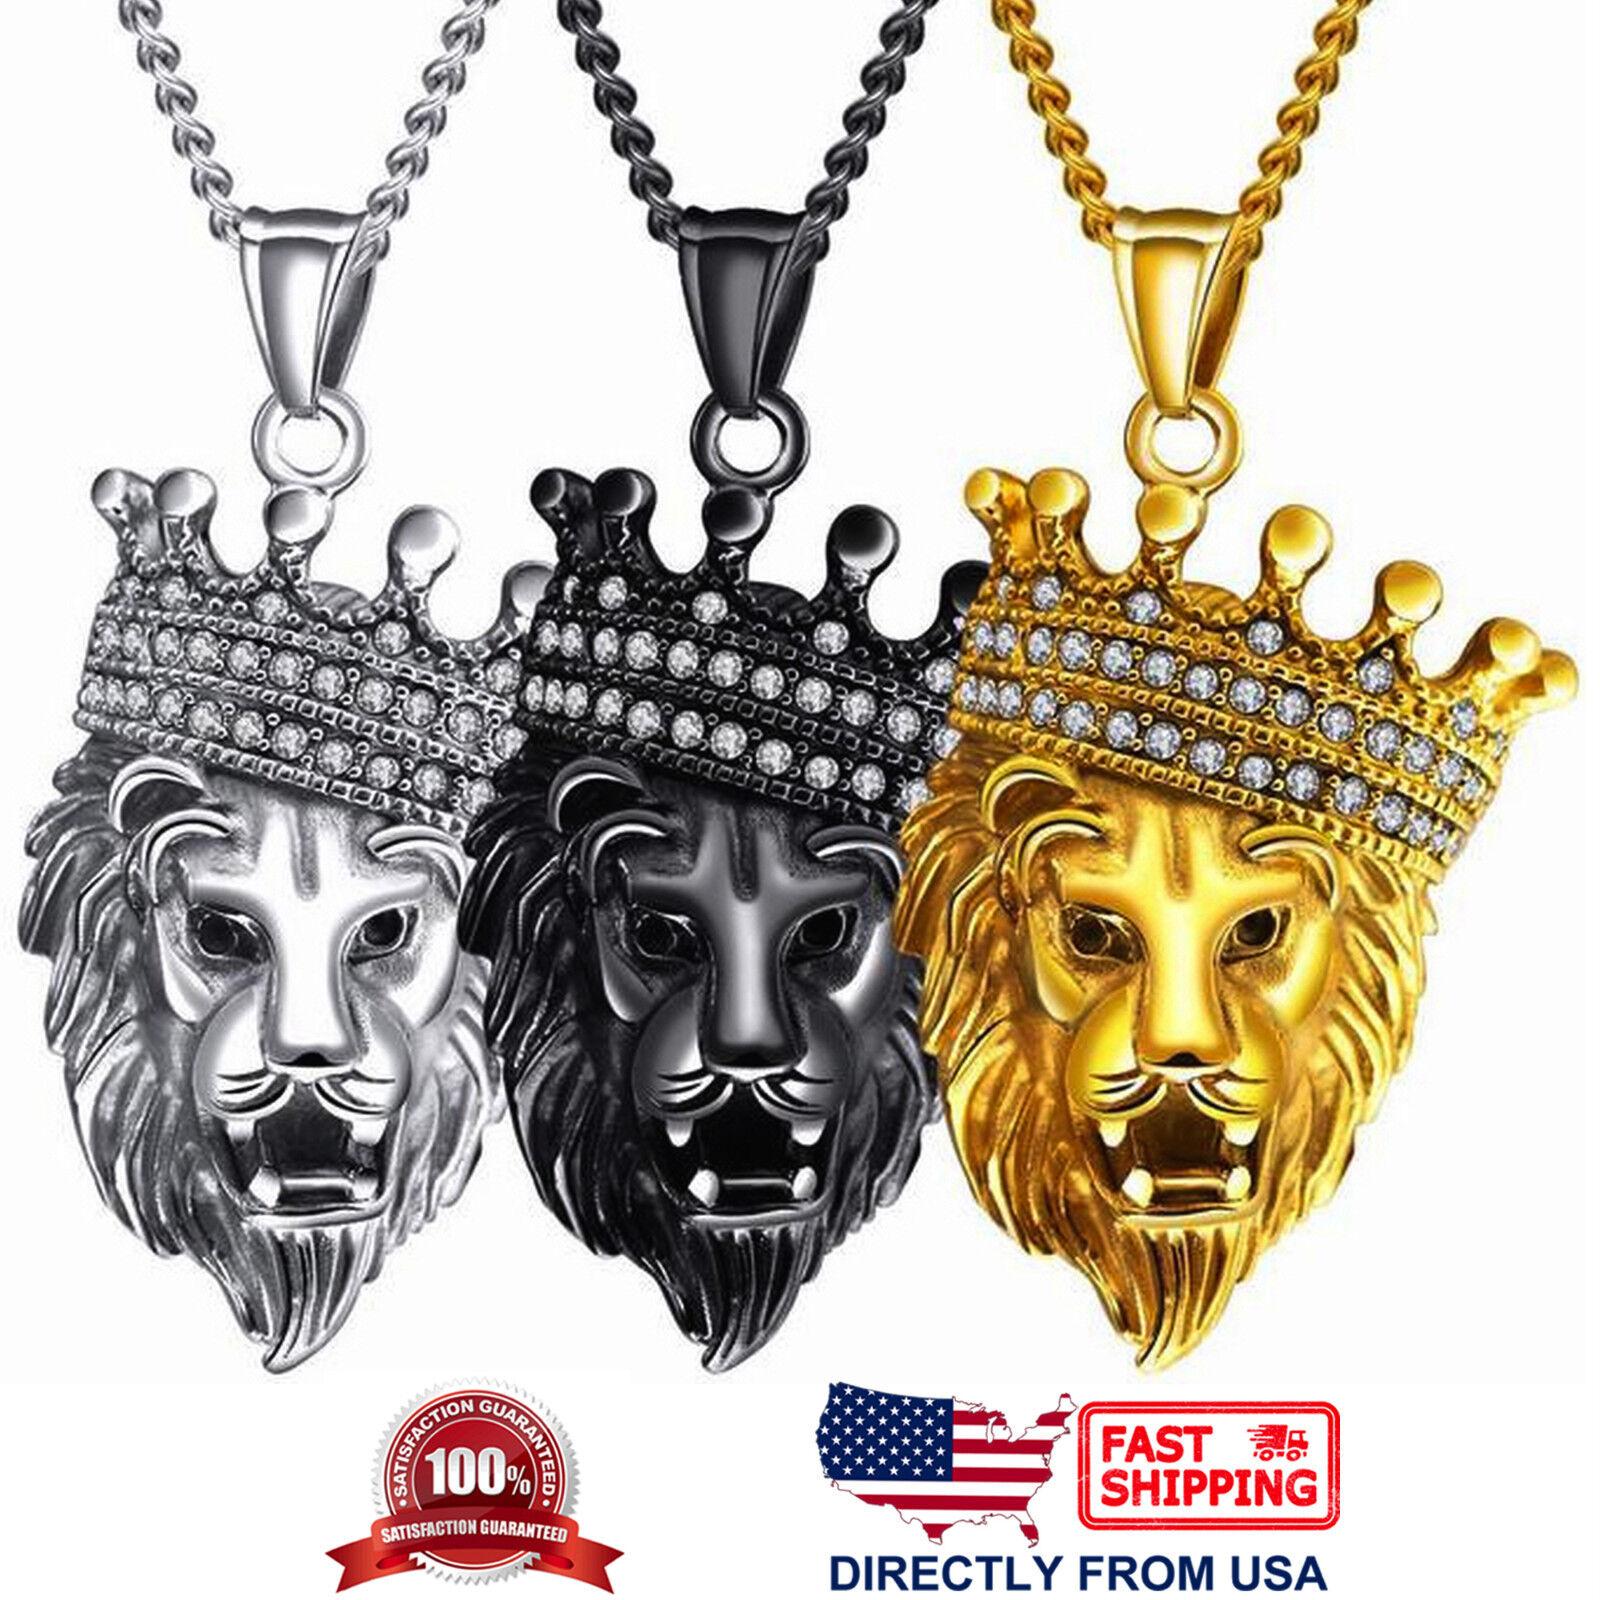 Men's Stainless Steel Large King Lion Biker Pendant Necklace Chains, Necklaces & Pendants